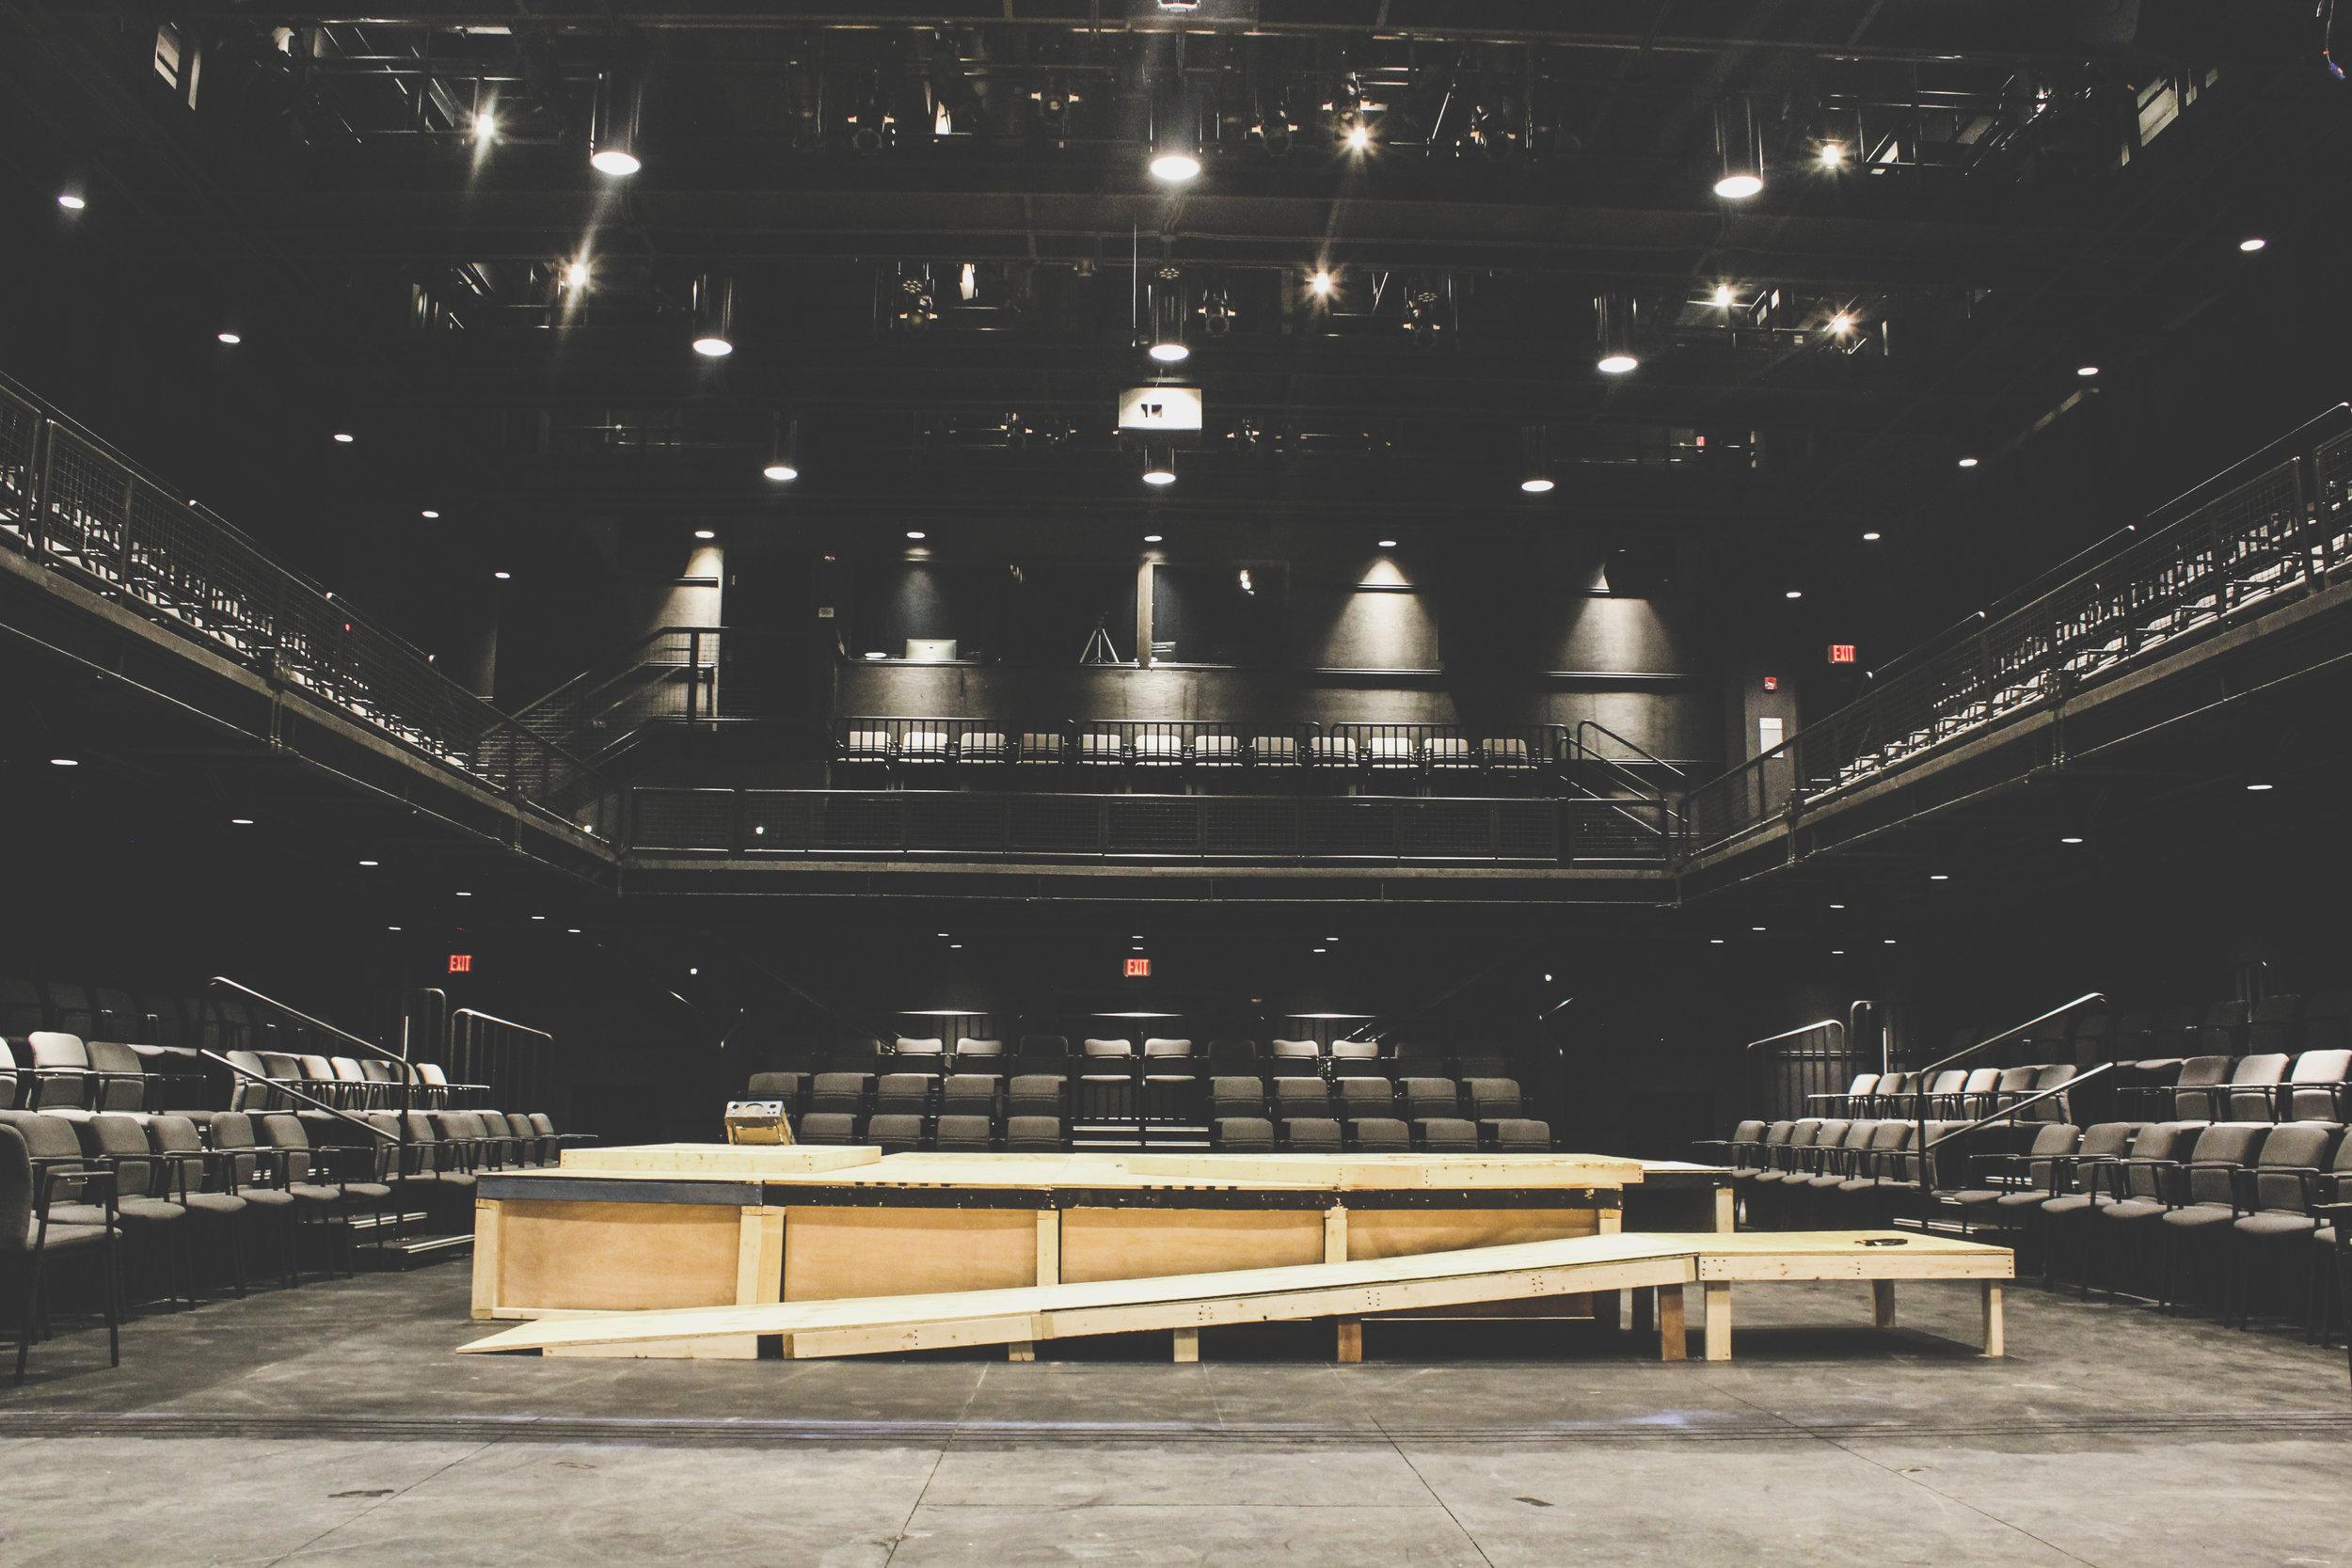 Inside the Irene & Alan Wurtzel Theater